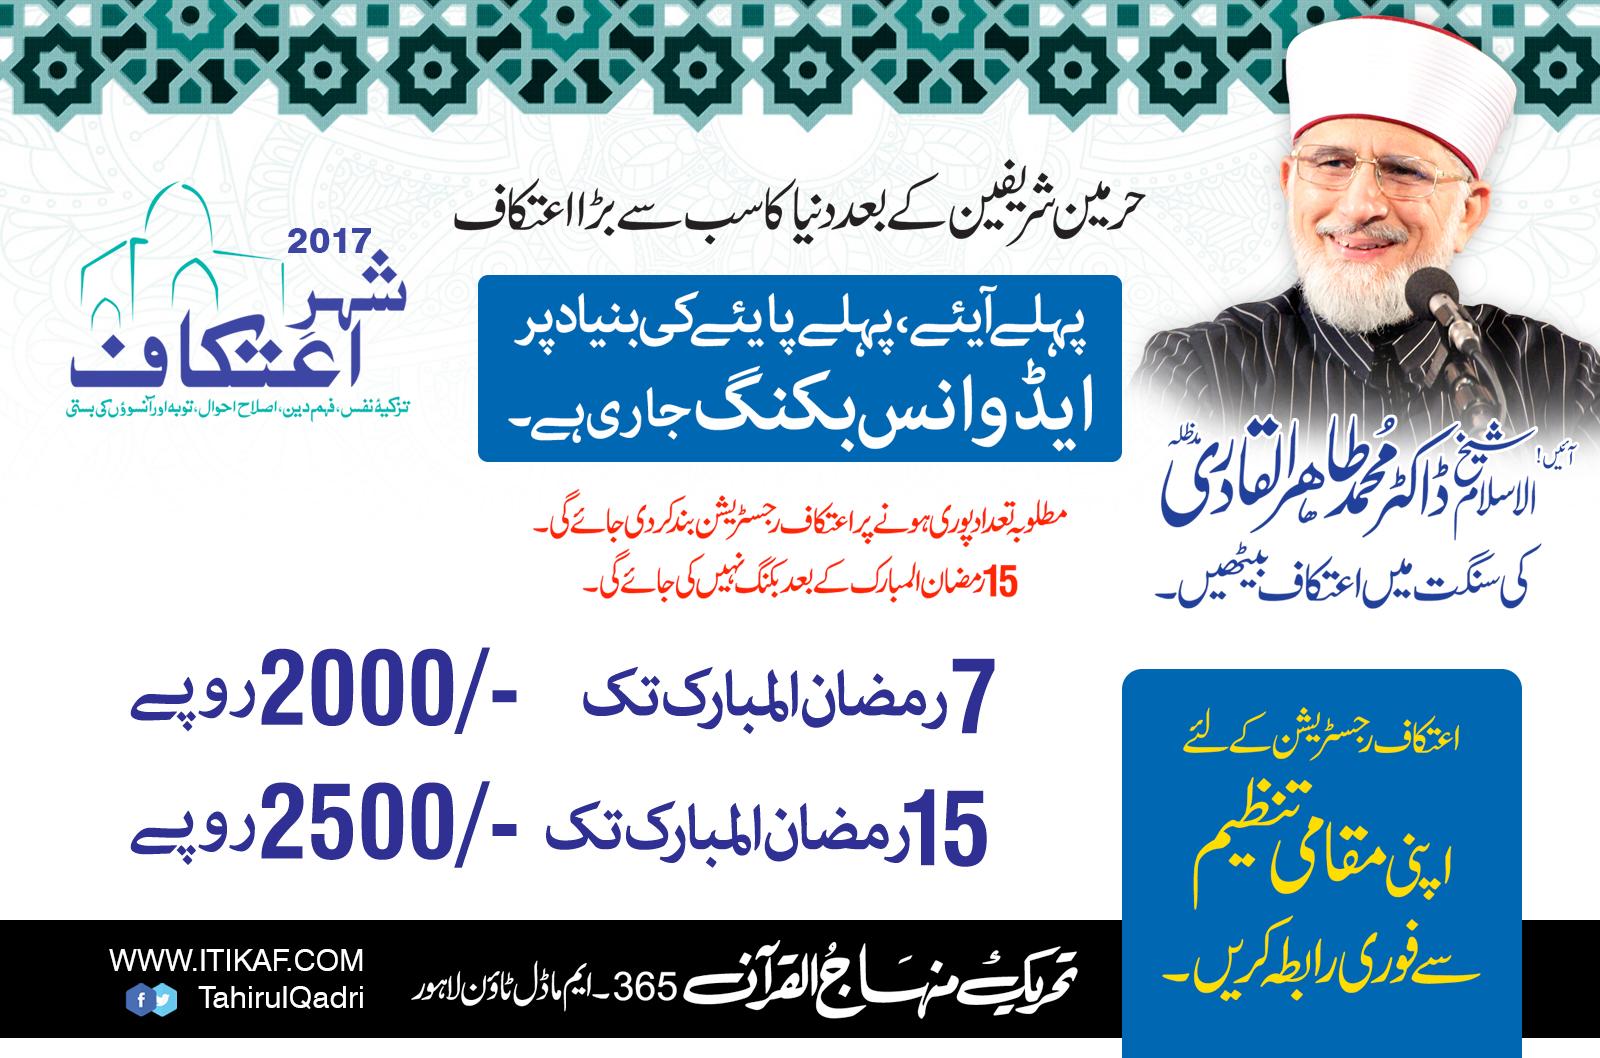 Minhaj-ul-Quran Itikaf 2017 Registration started